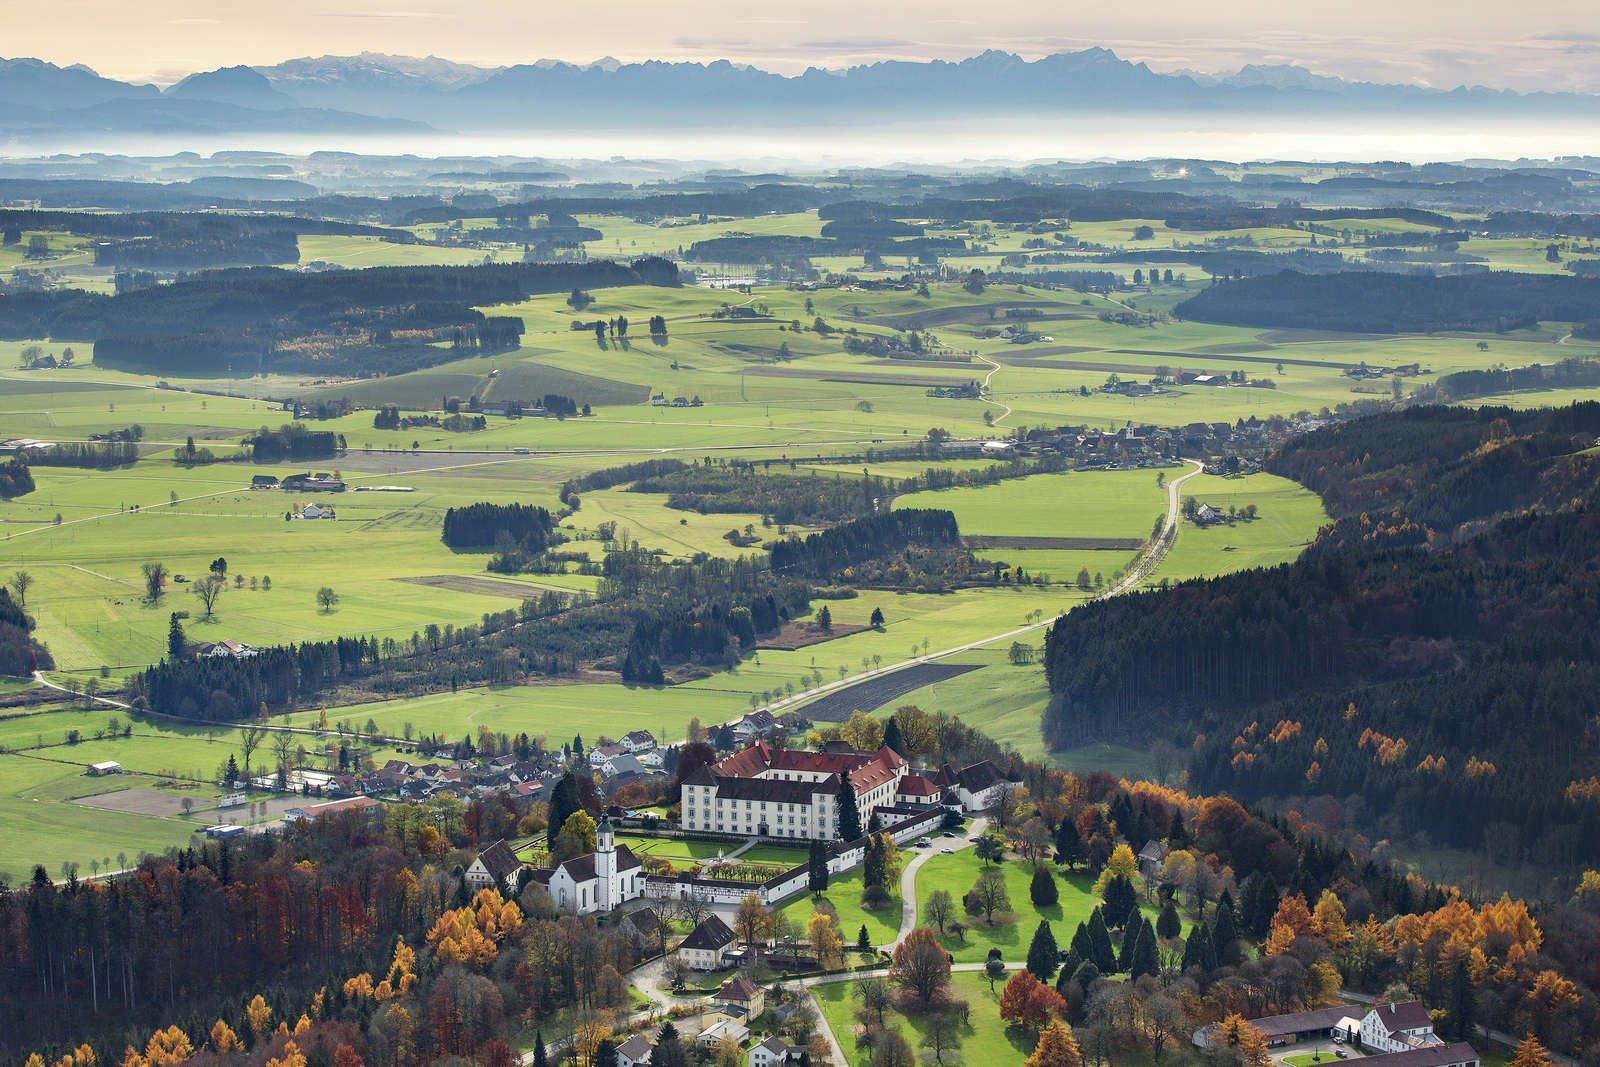 Luftbild von Schloss Zeil im Herbst